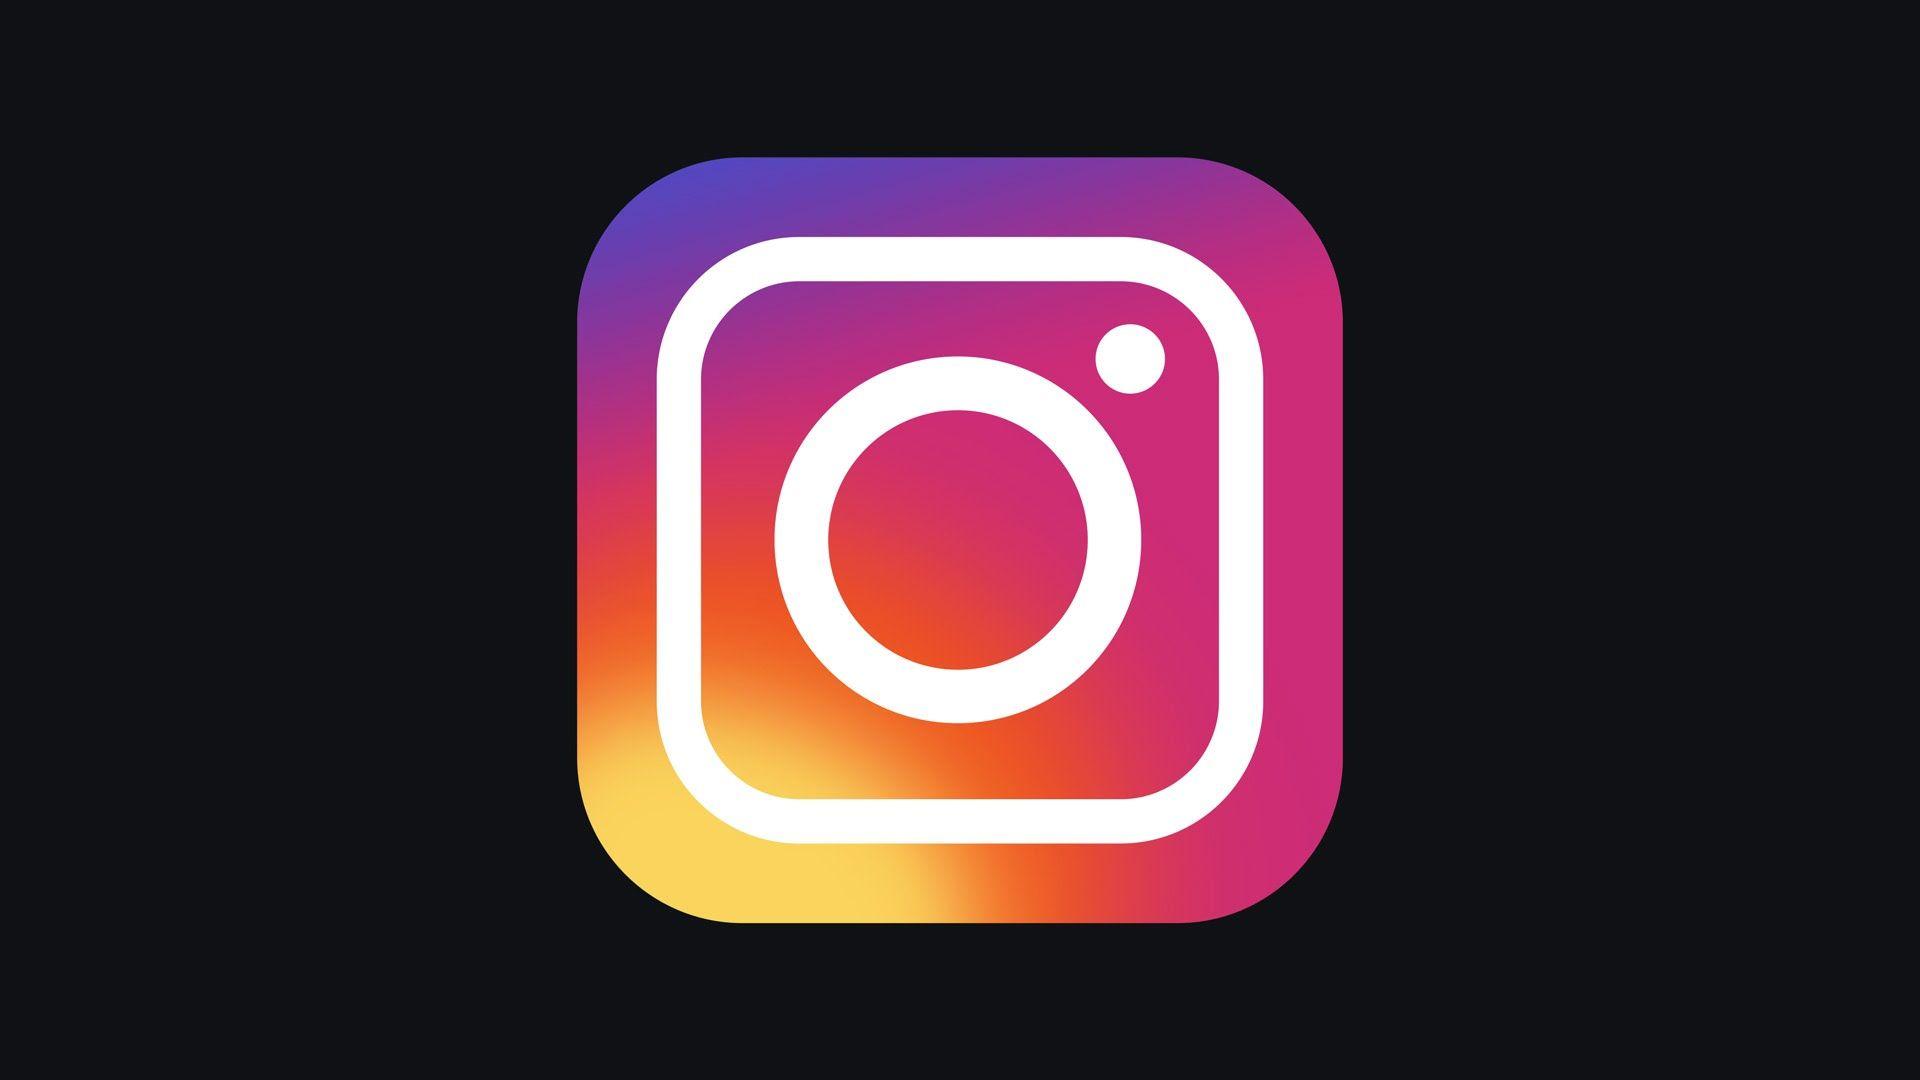 Create the new instagram logo in adobe